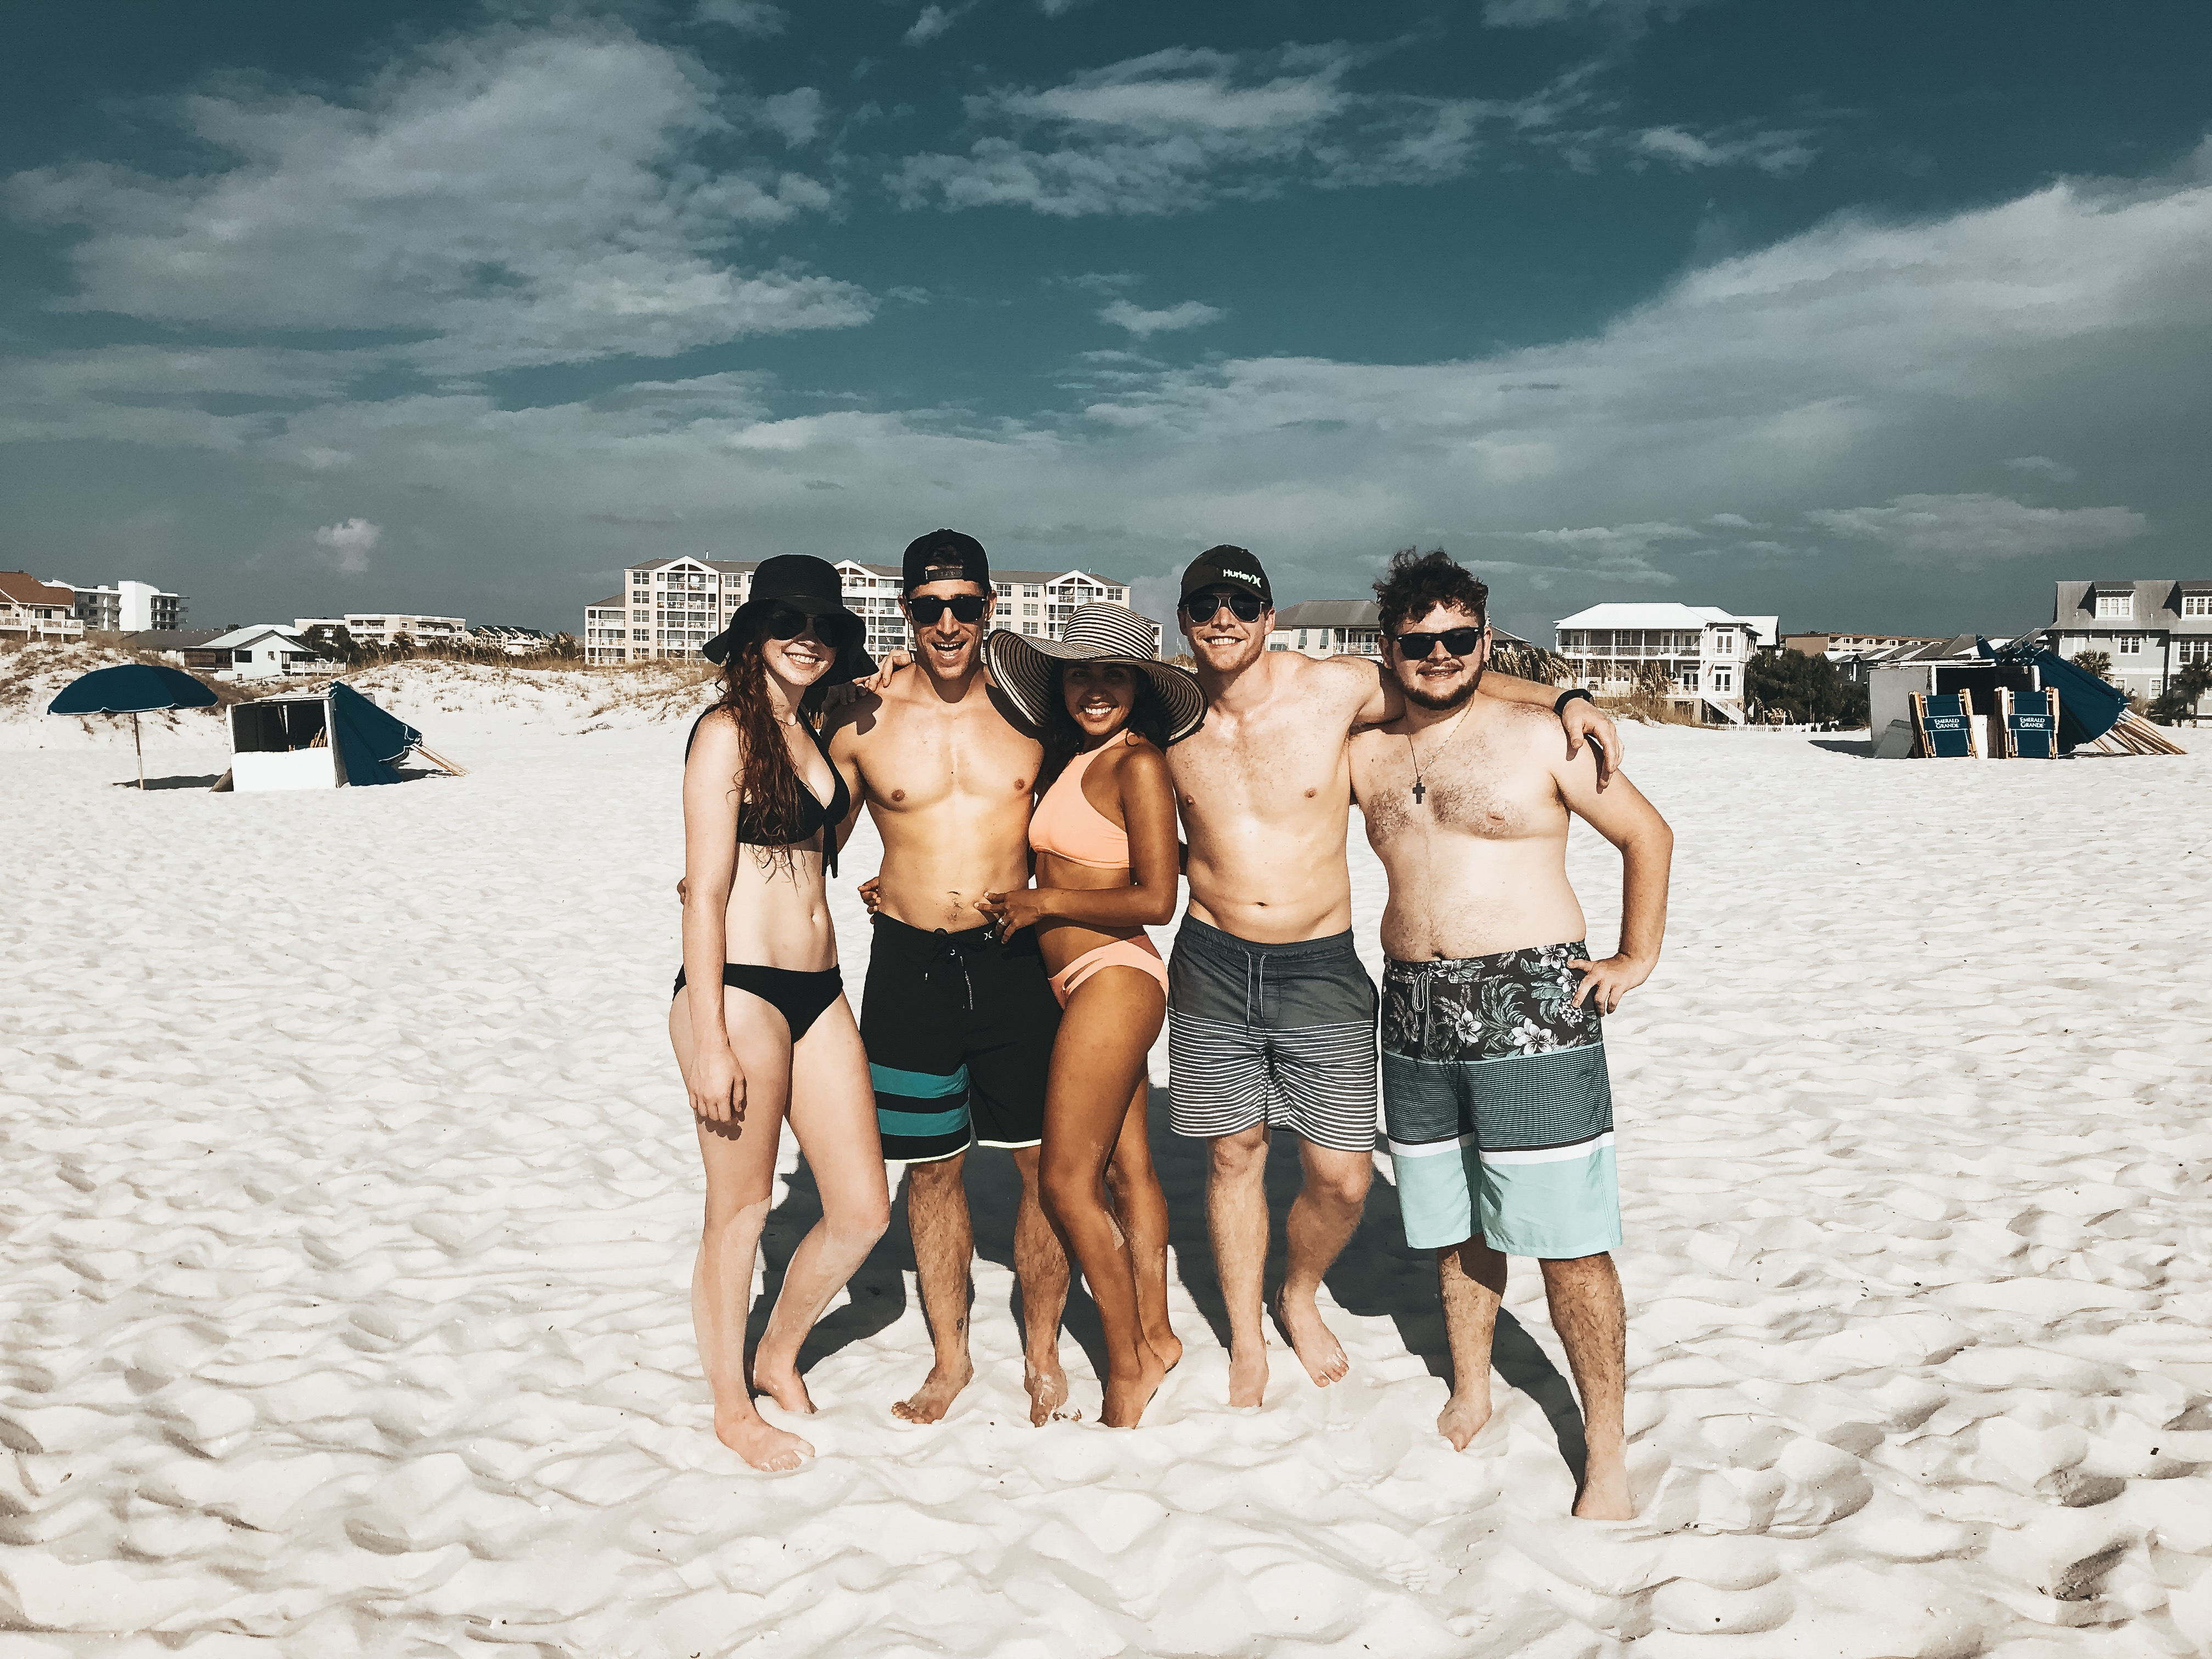 Group beach pic